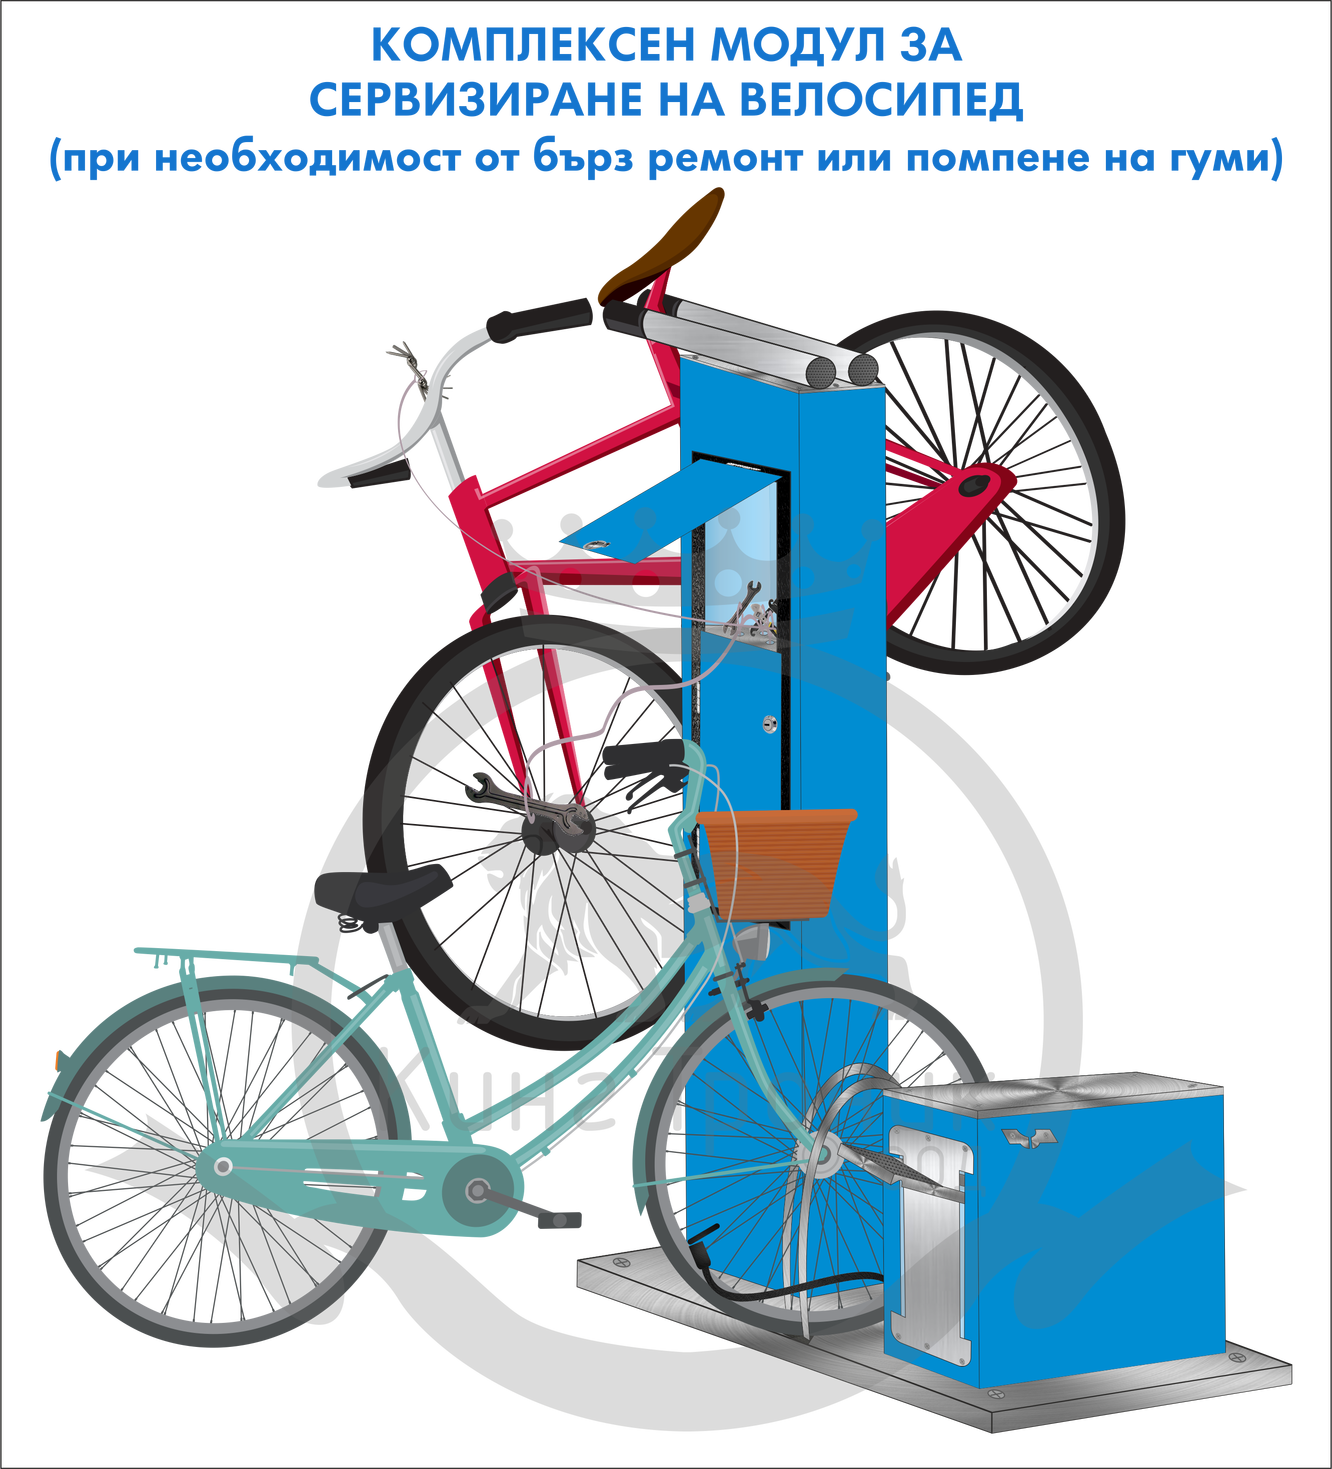 Комплексен модул за ремонтна велосипед и помпане на гуми